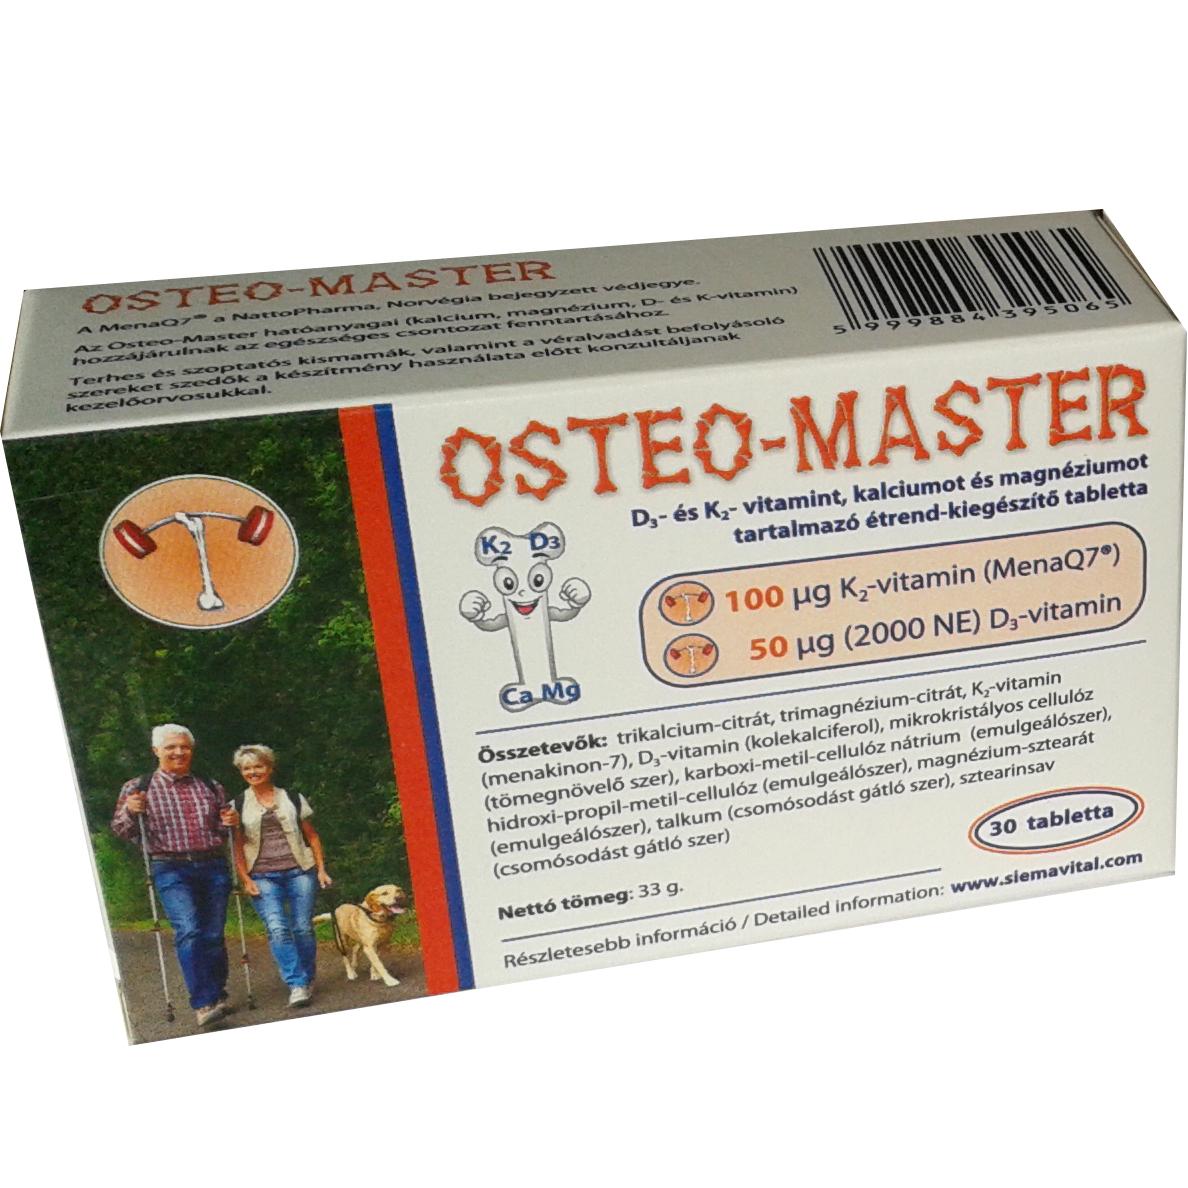 358c63fcf3 OSTEO-MASTER D3- ÉS K2- VITAMINT, KALCIUMOT ÉS MAGNÉZIUMOT TARTALMAZÓ  ÉTREND-KIEGÉSZÍTŐ TABLETTA - Összes termék - Vitálvár - Táplálékkiegészítő,  ...